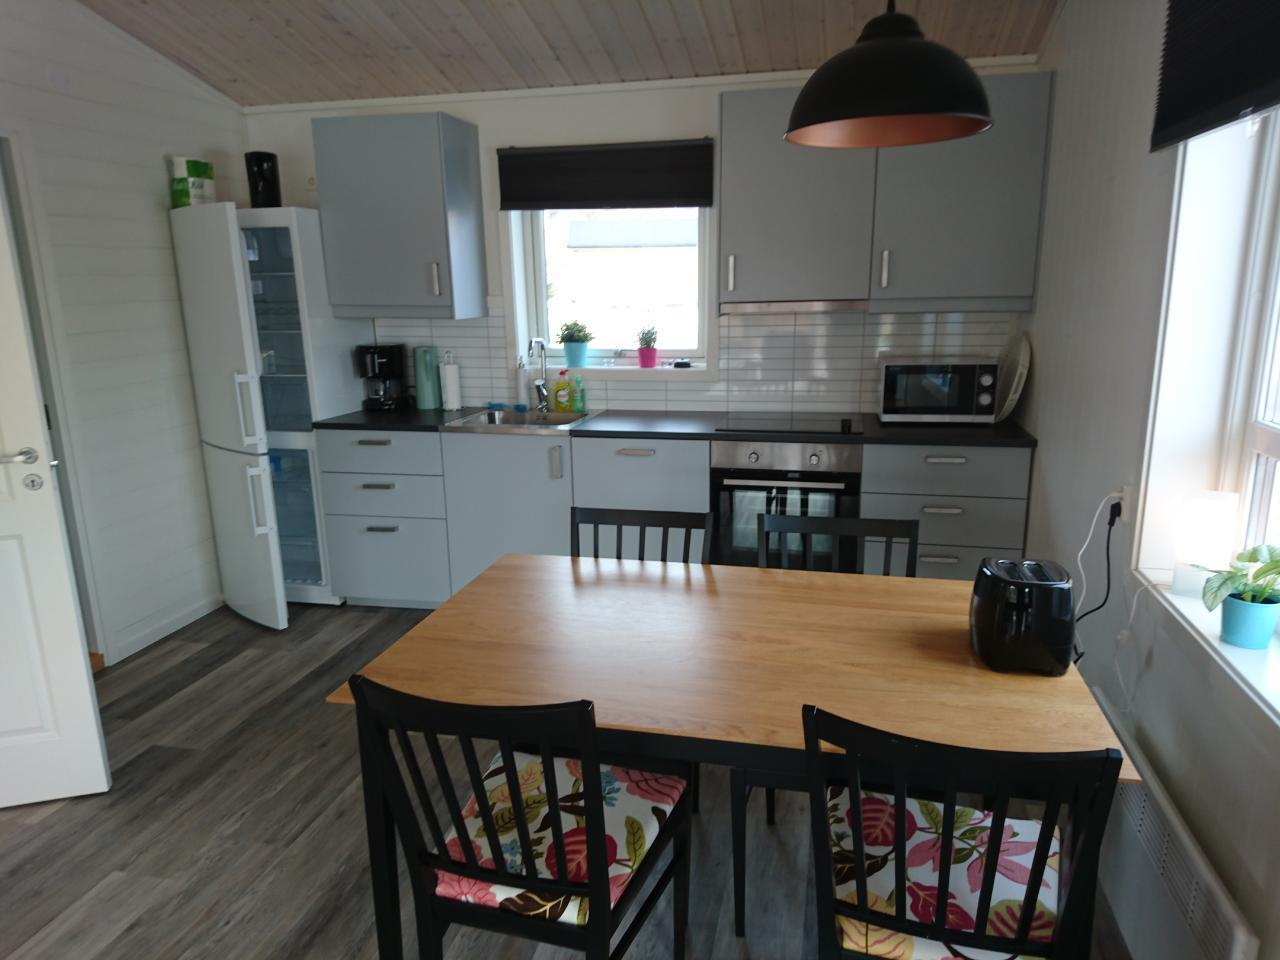 Ferienhaus Haus am Dalslandkanal/ See Laxsjön (2549266), Dals Långed, Västra Götaland län, Westschweden, Schweden, Bild 5